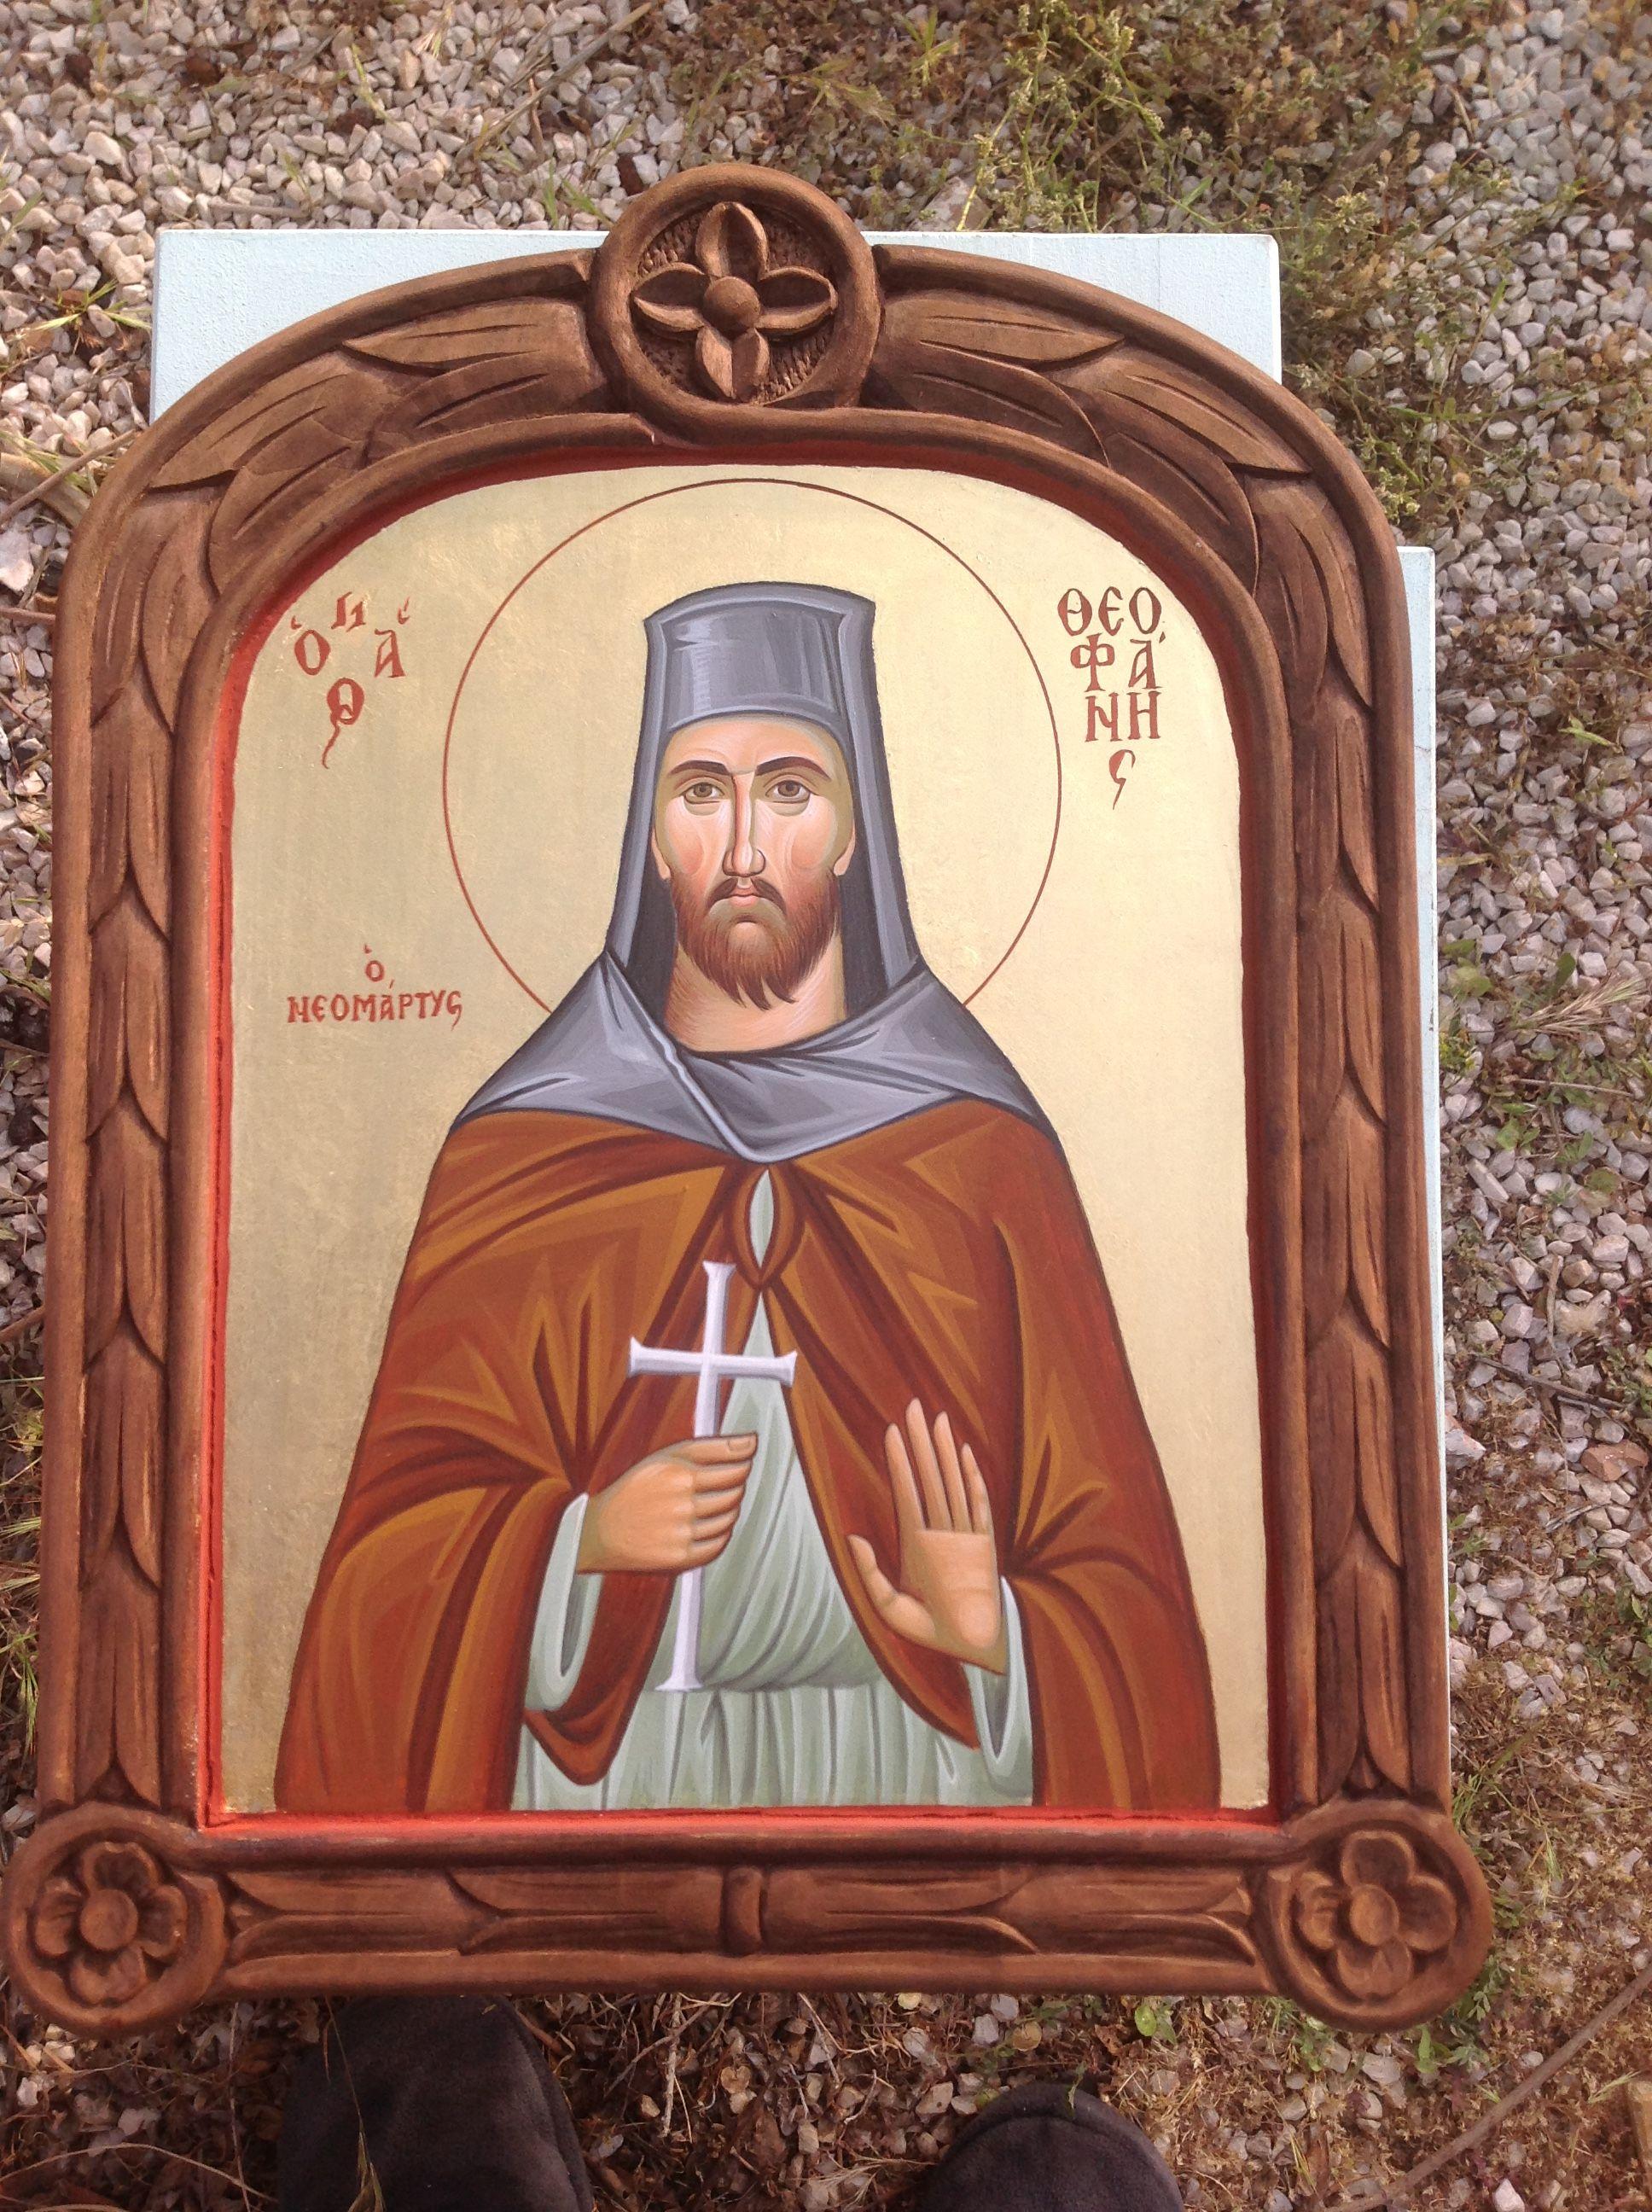 Άγιος Θεοφάνης ο νεομάρτυς ο εκ Καλαμών | Theology, Saints, Frame